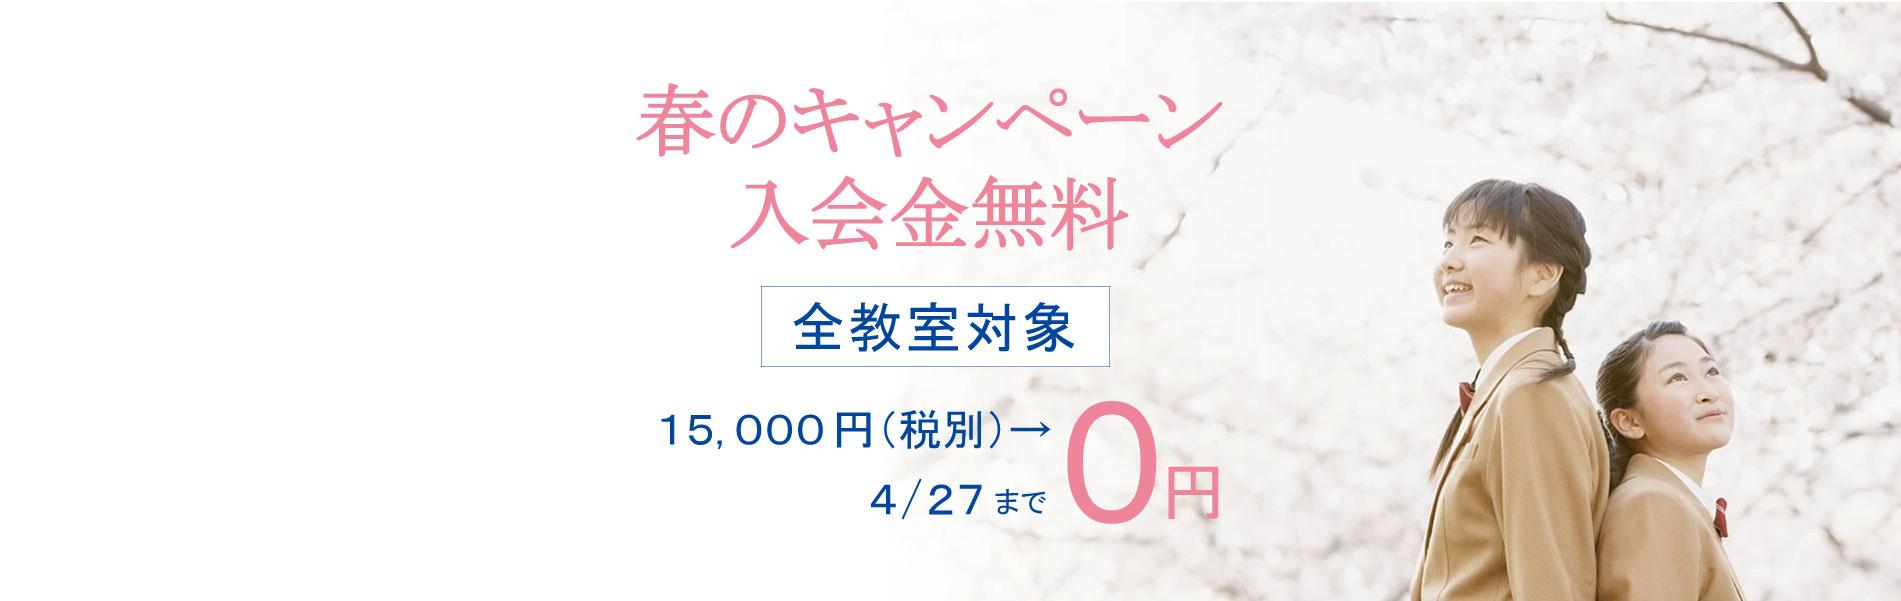 春のキャンペーン 入会金無料